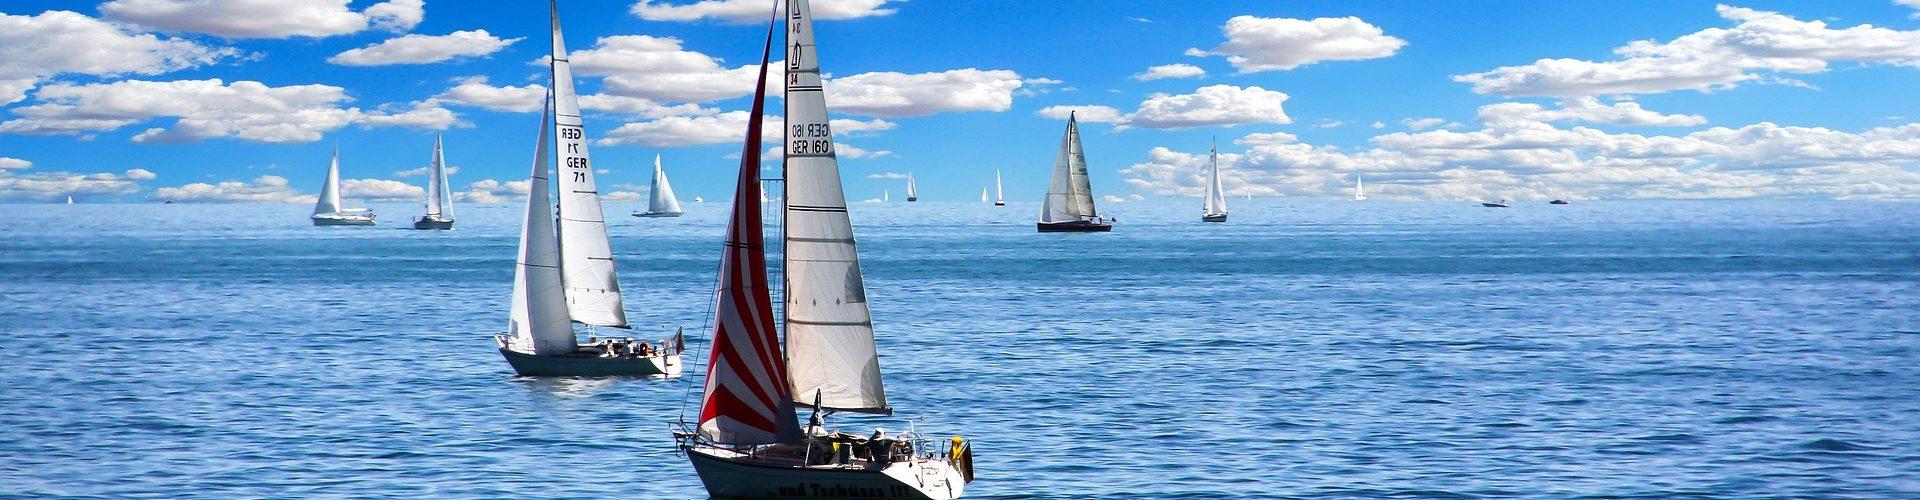 segeln lernen in Feucht segelschein machen in Feucht 1920x500 - Segeln lernen in Feucht